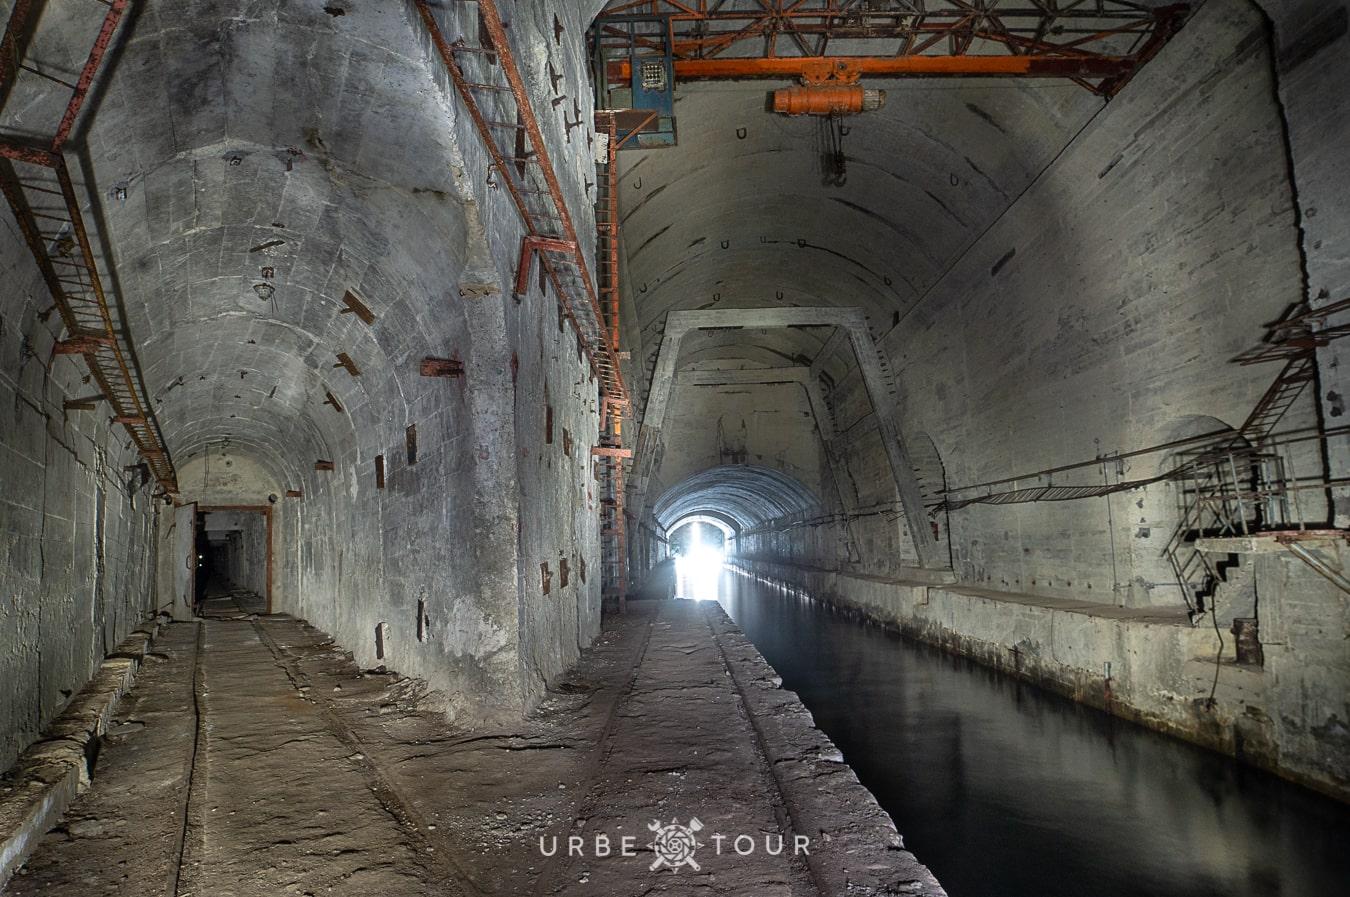 porto-palermo-submarine-base-albania-1-1 Подземная база для подводных лодок в Порто Палермо, Албания